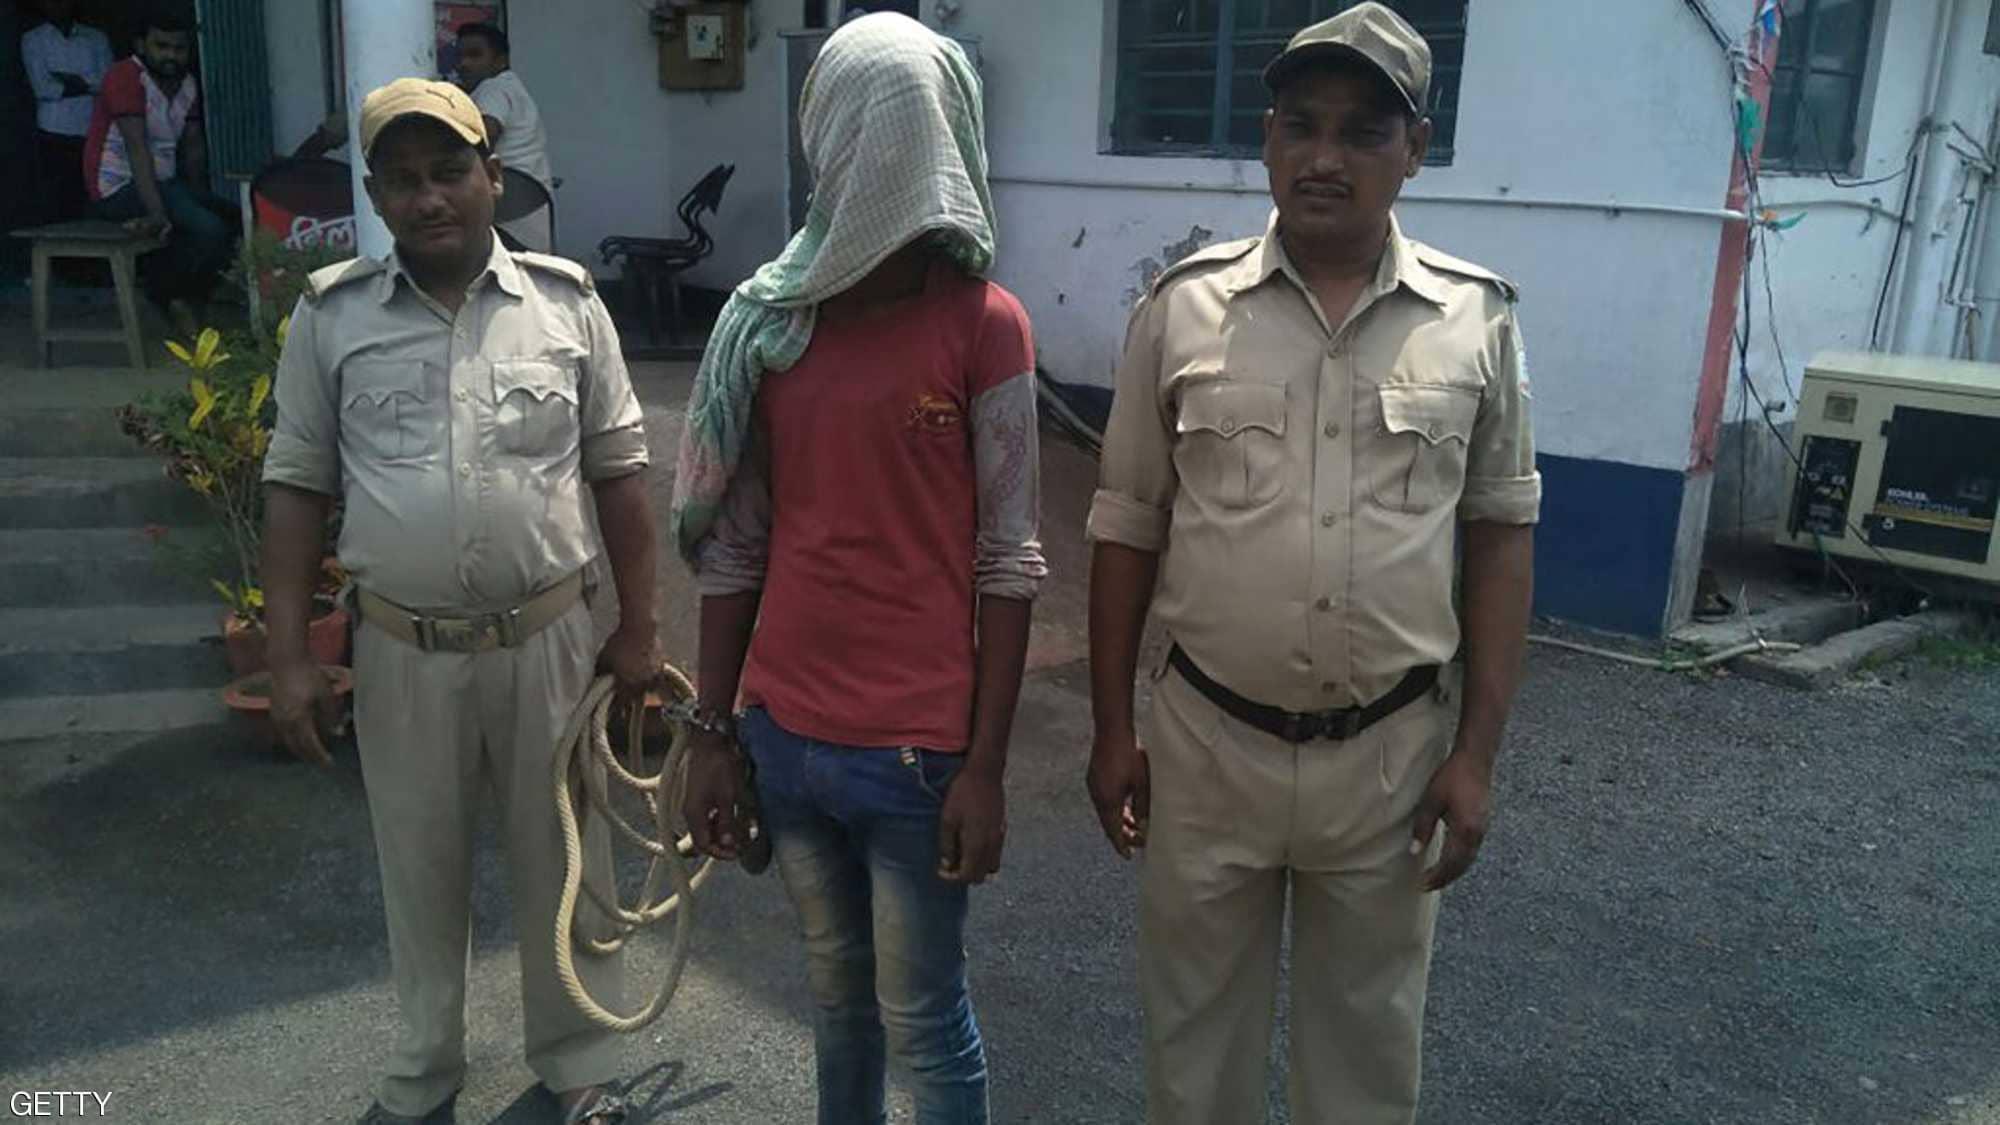 سياسية هندية تطالب بإغراق المغتصب بالبنزين ثم حرقه حيا للحد من هذه الجريمة وذلك بعد حادث اغتصاب رضيعة تبلغ من العمر 14 شهرا !